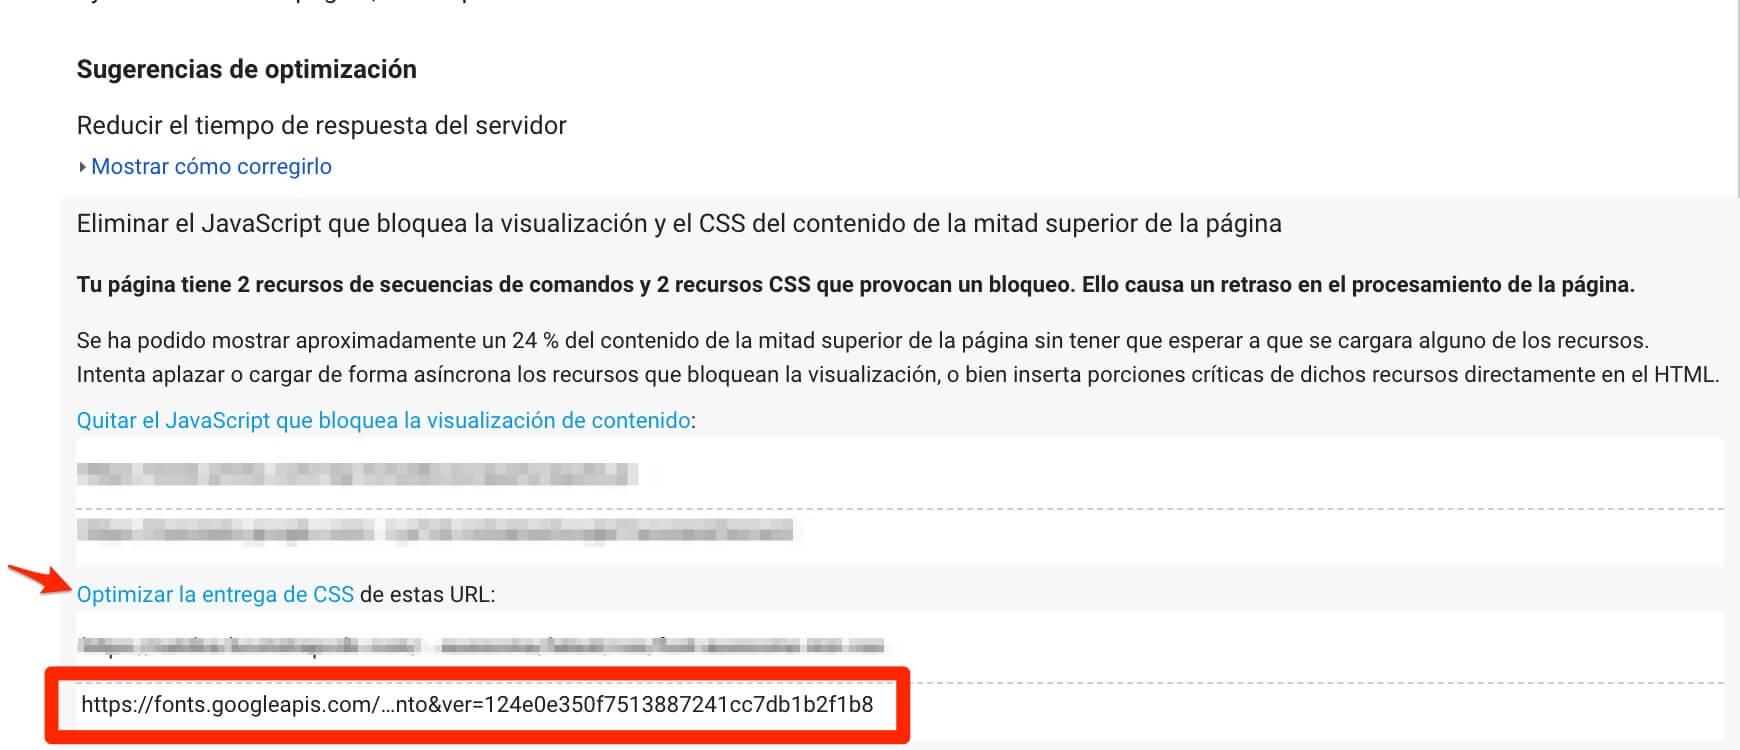 RGPD y Google Fonts: cómo proteger la privacidad de tus visitas